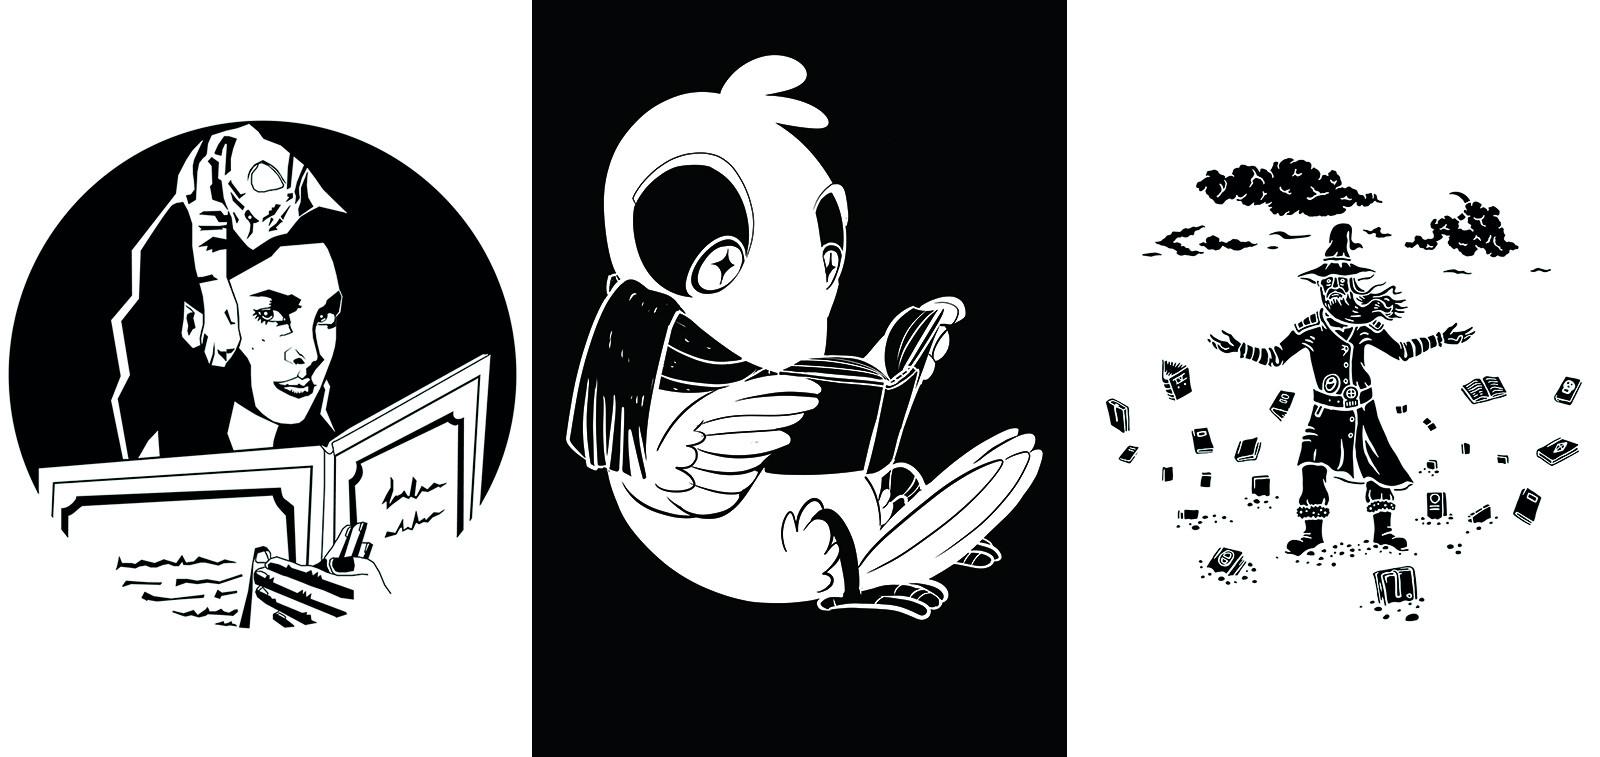 Turun sarjakuvakerhon taiteilijoiden suunnittelemia heijastekuvia